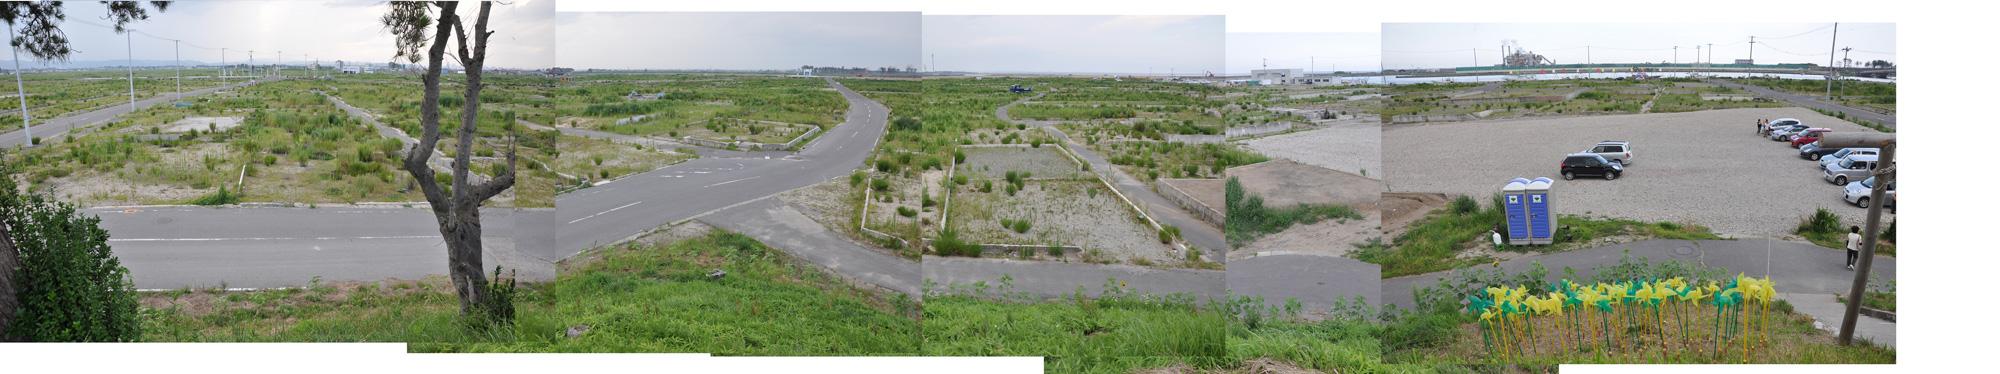 閖上日和山定点観測(西北西-東南東)2012年8月